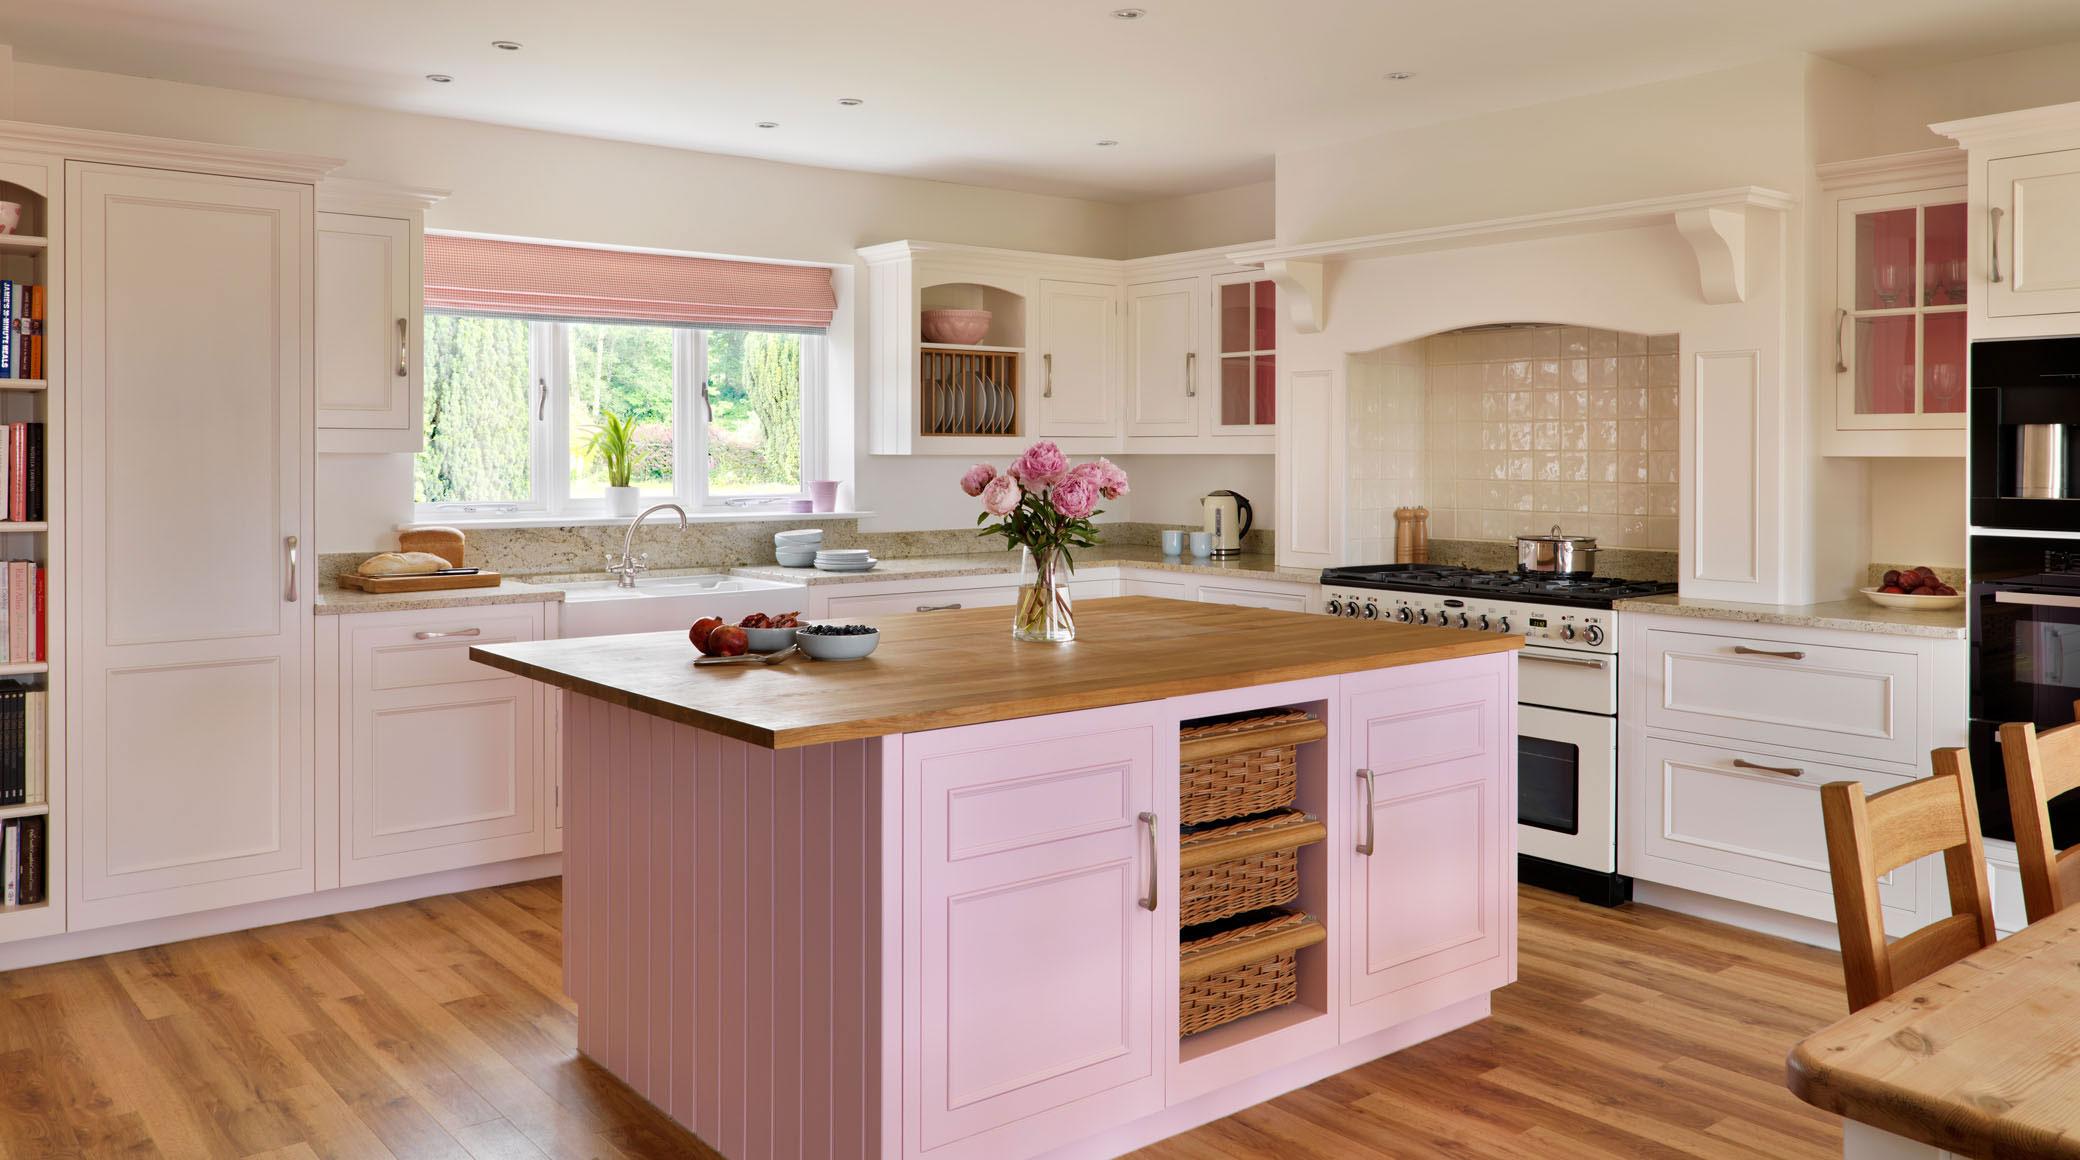 Thiết kế phòng bếp tông màu hồng mê hoặc phái đẹp - 4